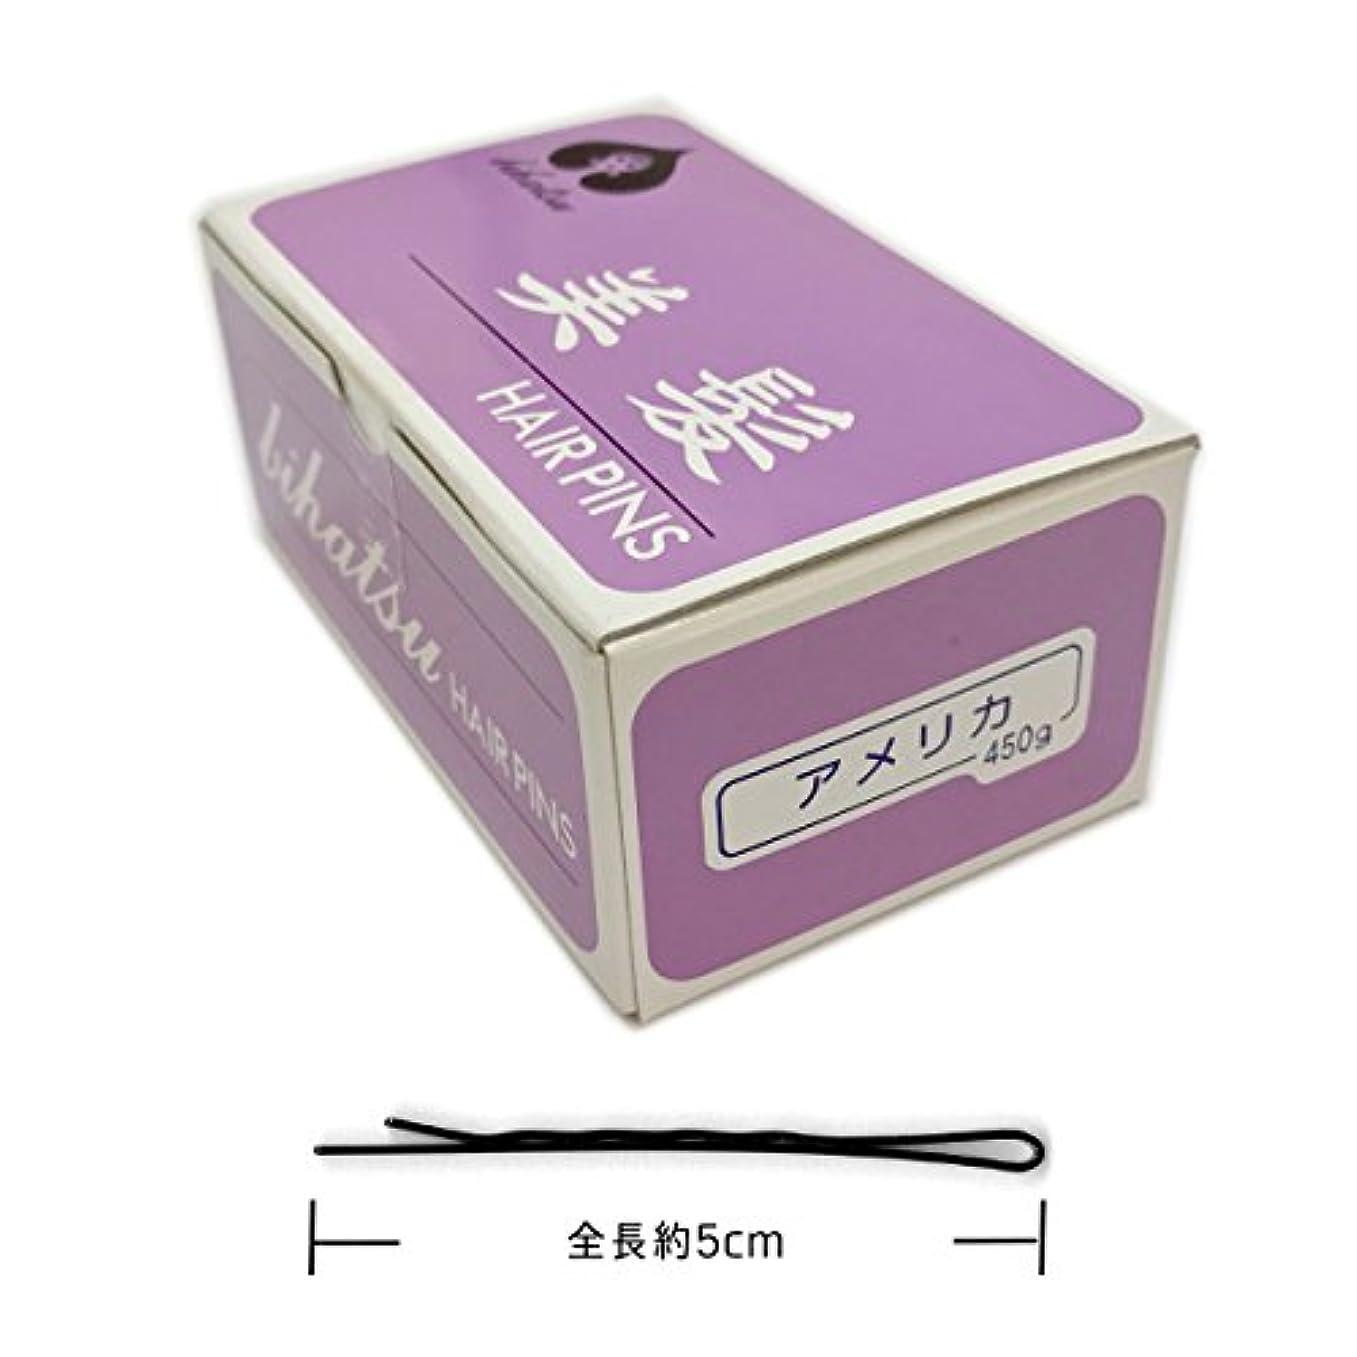 教室ゼロ東ティモールヒラヤマ ビハツ アメリカ (美髪) 450g約520本入り